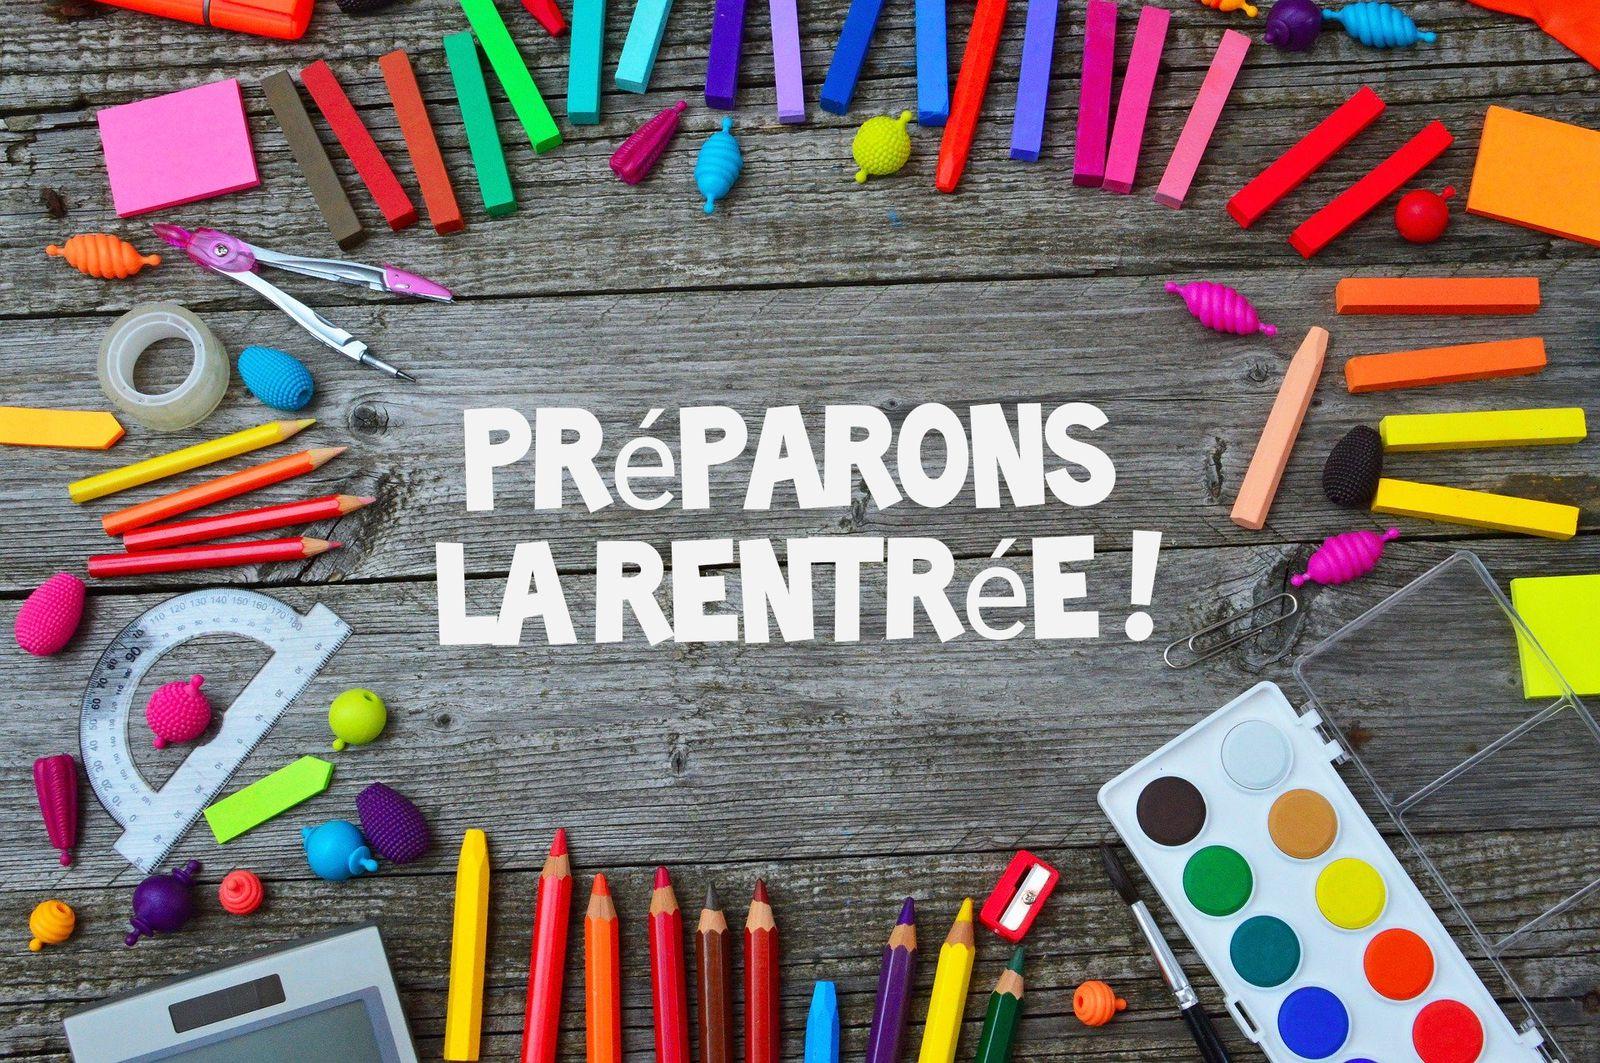 PREPARONS LA RENTREE !